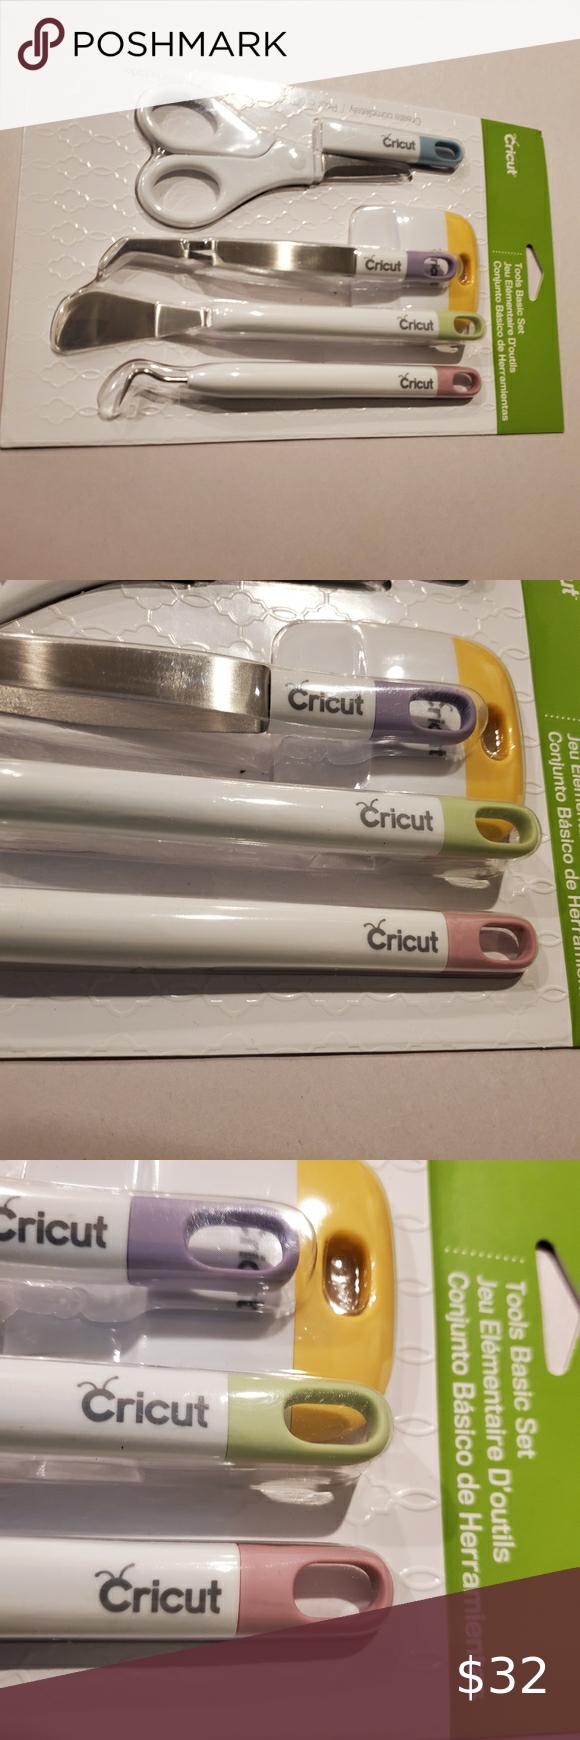 22++ Provo craft scissors set info